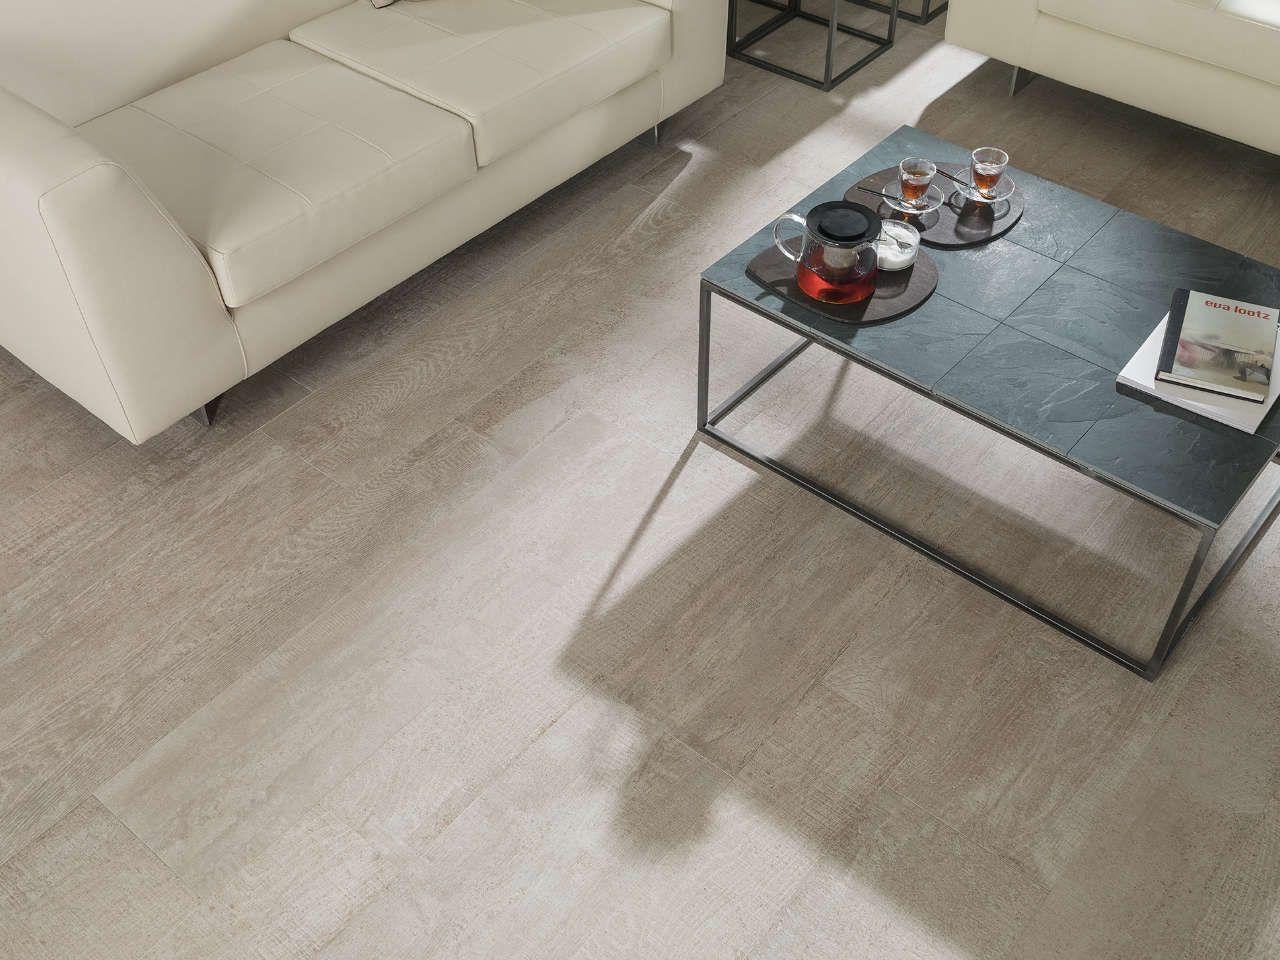 collection carrelage par ker porcelanosa austin gris 29 4x120 cm sol parquet carrelage d co. Black Bedroom Furniture Sets. Home Design Ideas